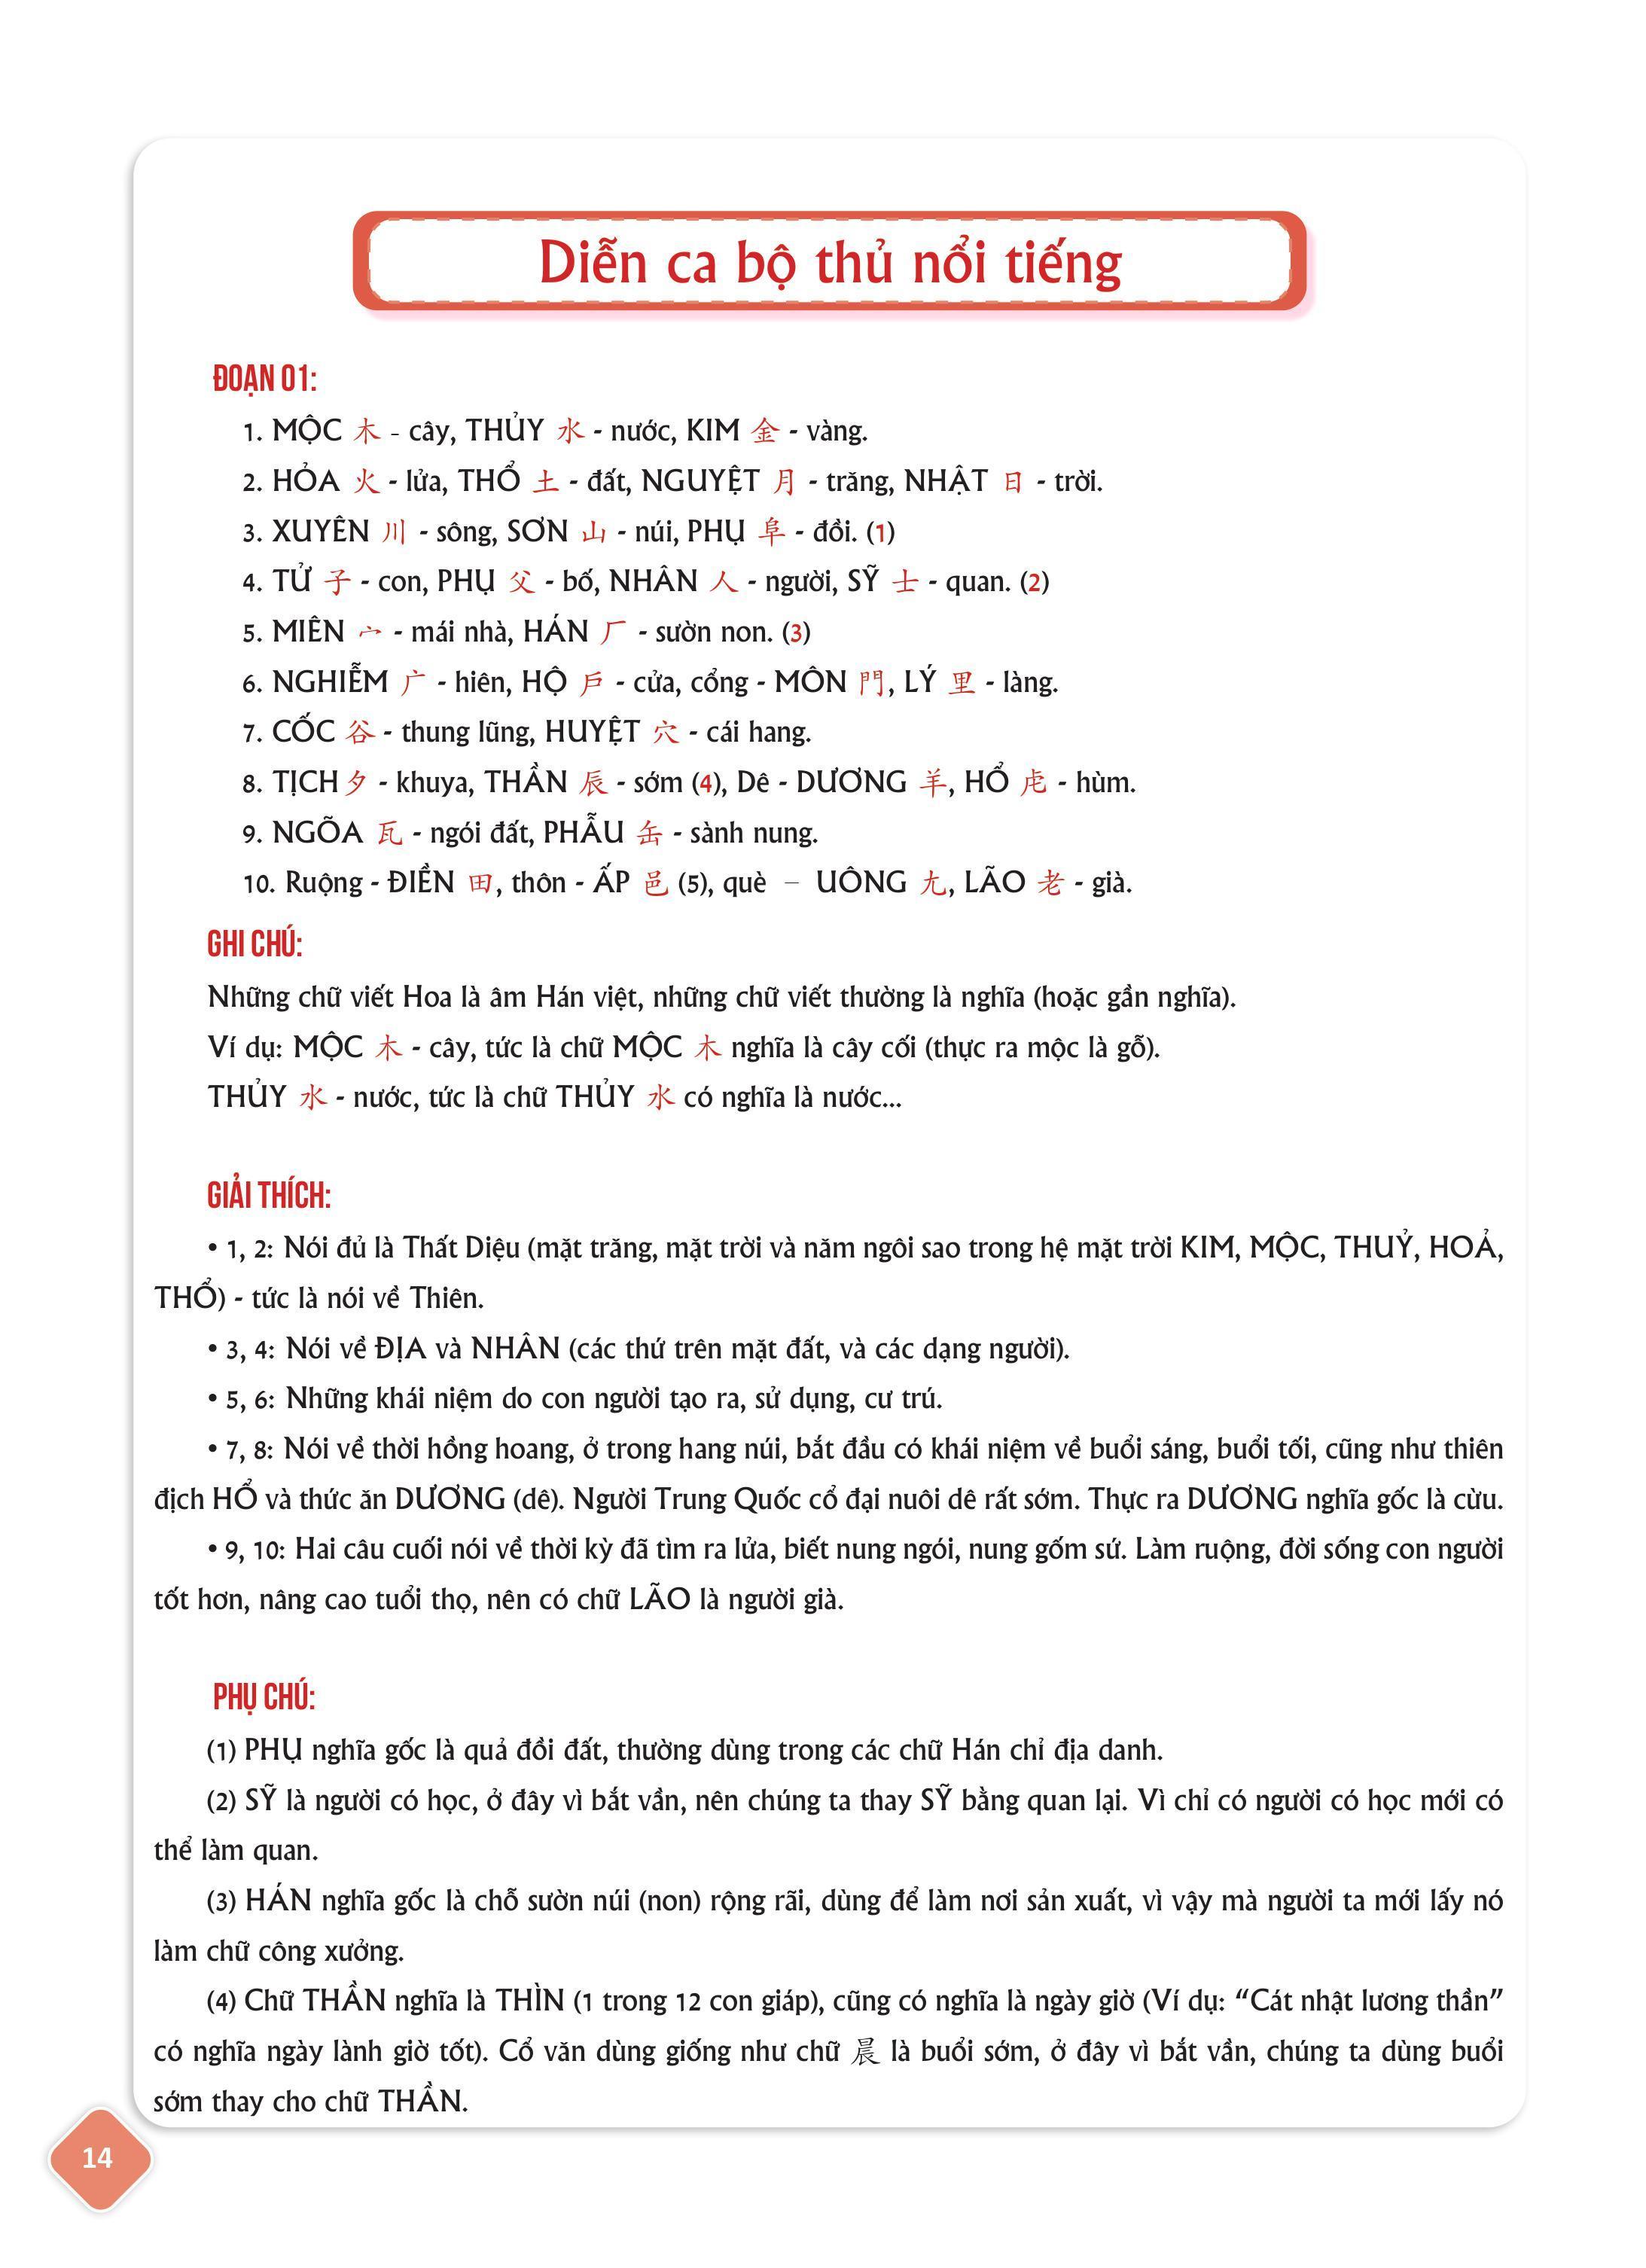 Siêu Dễ Nhớ Chiết Tự - 2102 Từ Tiếng Trung Thông Dụng Nhất - Bá Đạo Hack Não Tam Ngữ (Kèm cách nhớ, ví dụ, tiếng Anh, tiêng Trung giản thể, tiếng Trung phồn thể, tiếng bồi, bính âm Pinyin, tiếng Việt & hình ảnh hướng dẫn viết từng nét, DVD tài liệu)